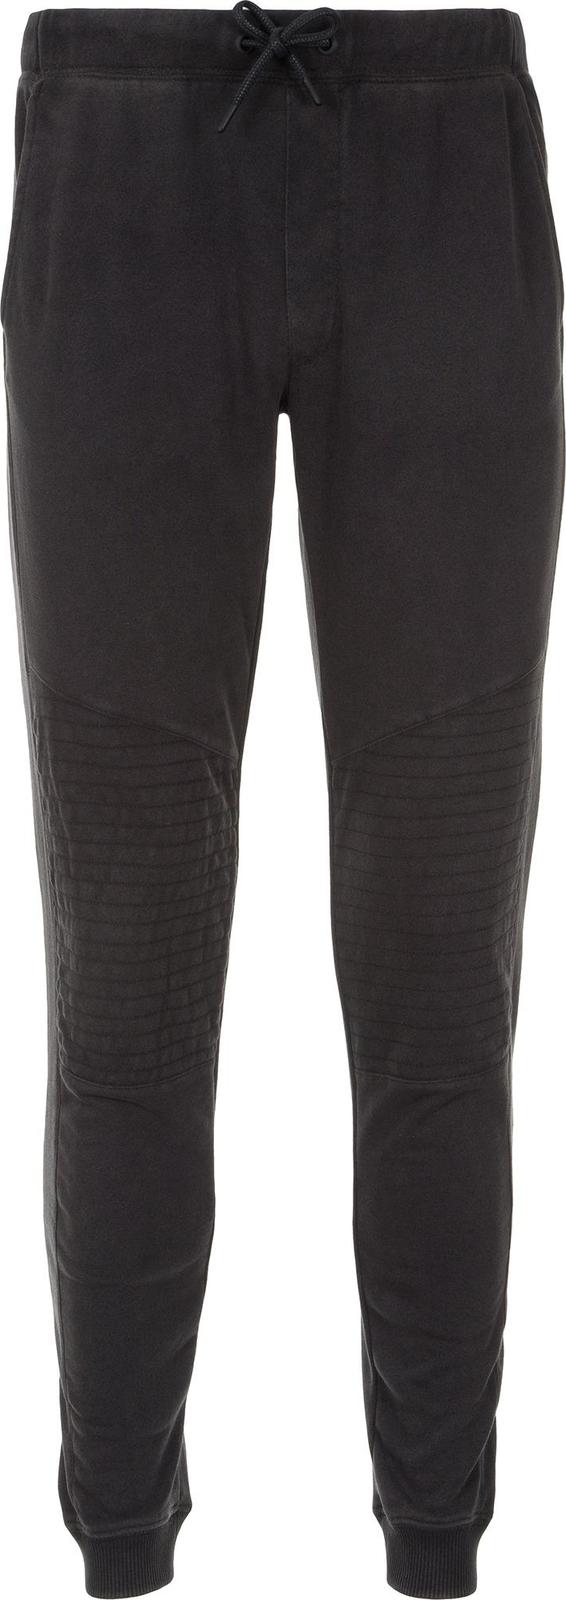 Фото - Брюки Termit Men's Trousers брюки termit men s trousers